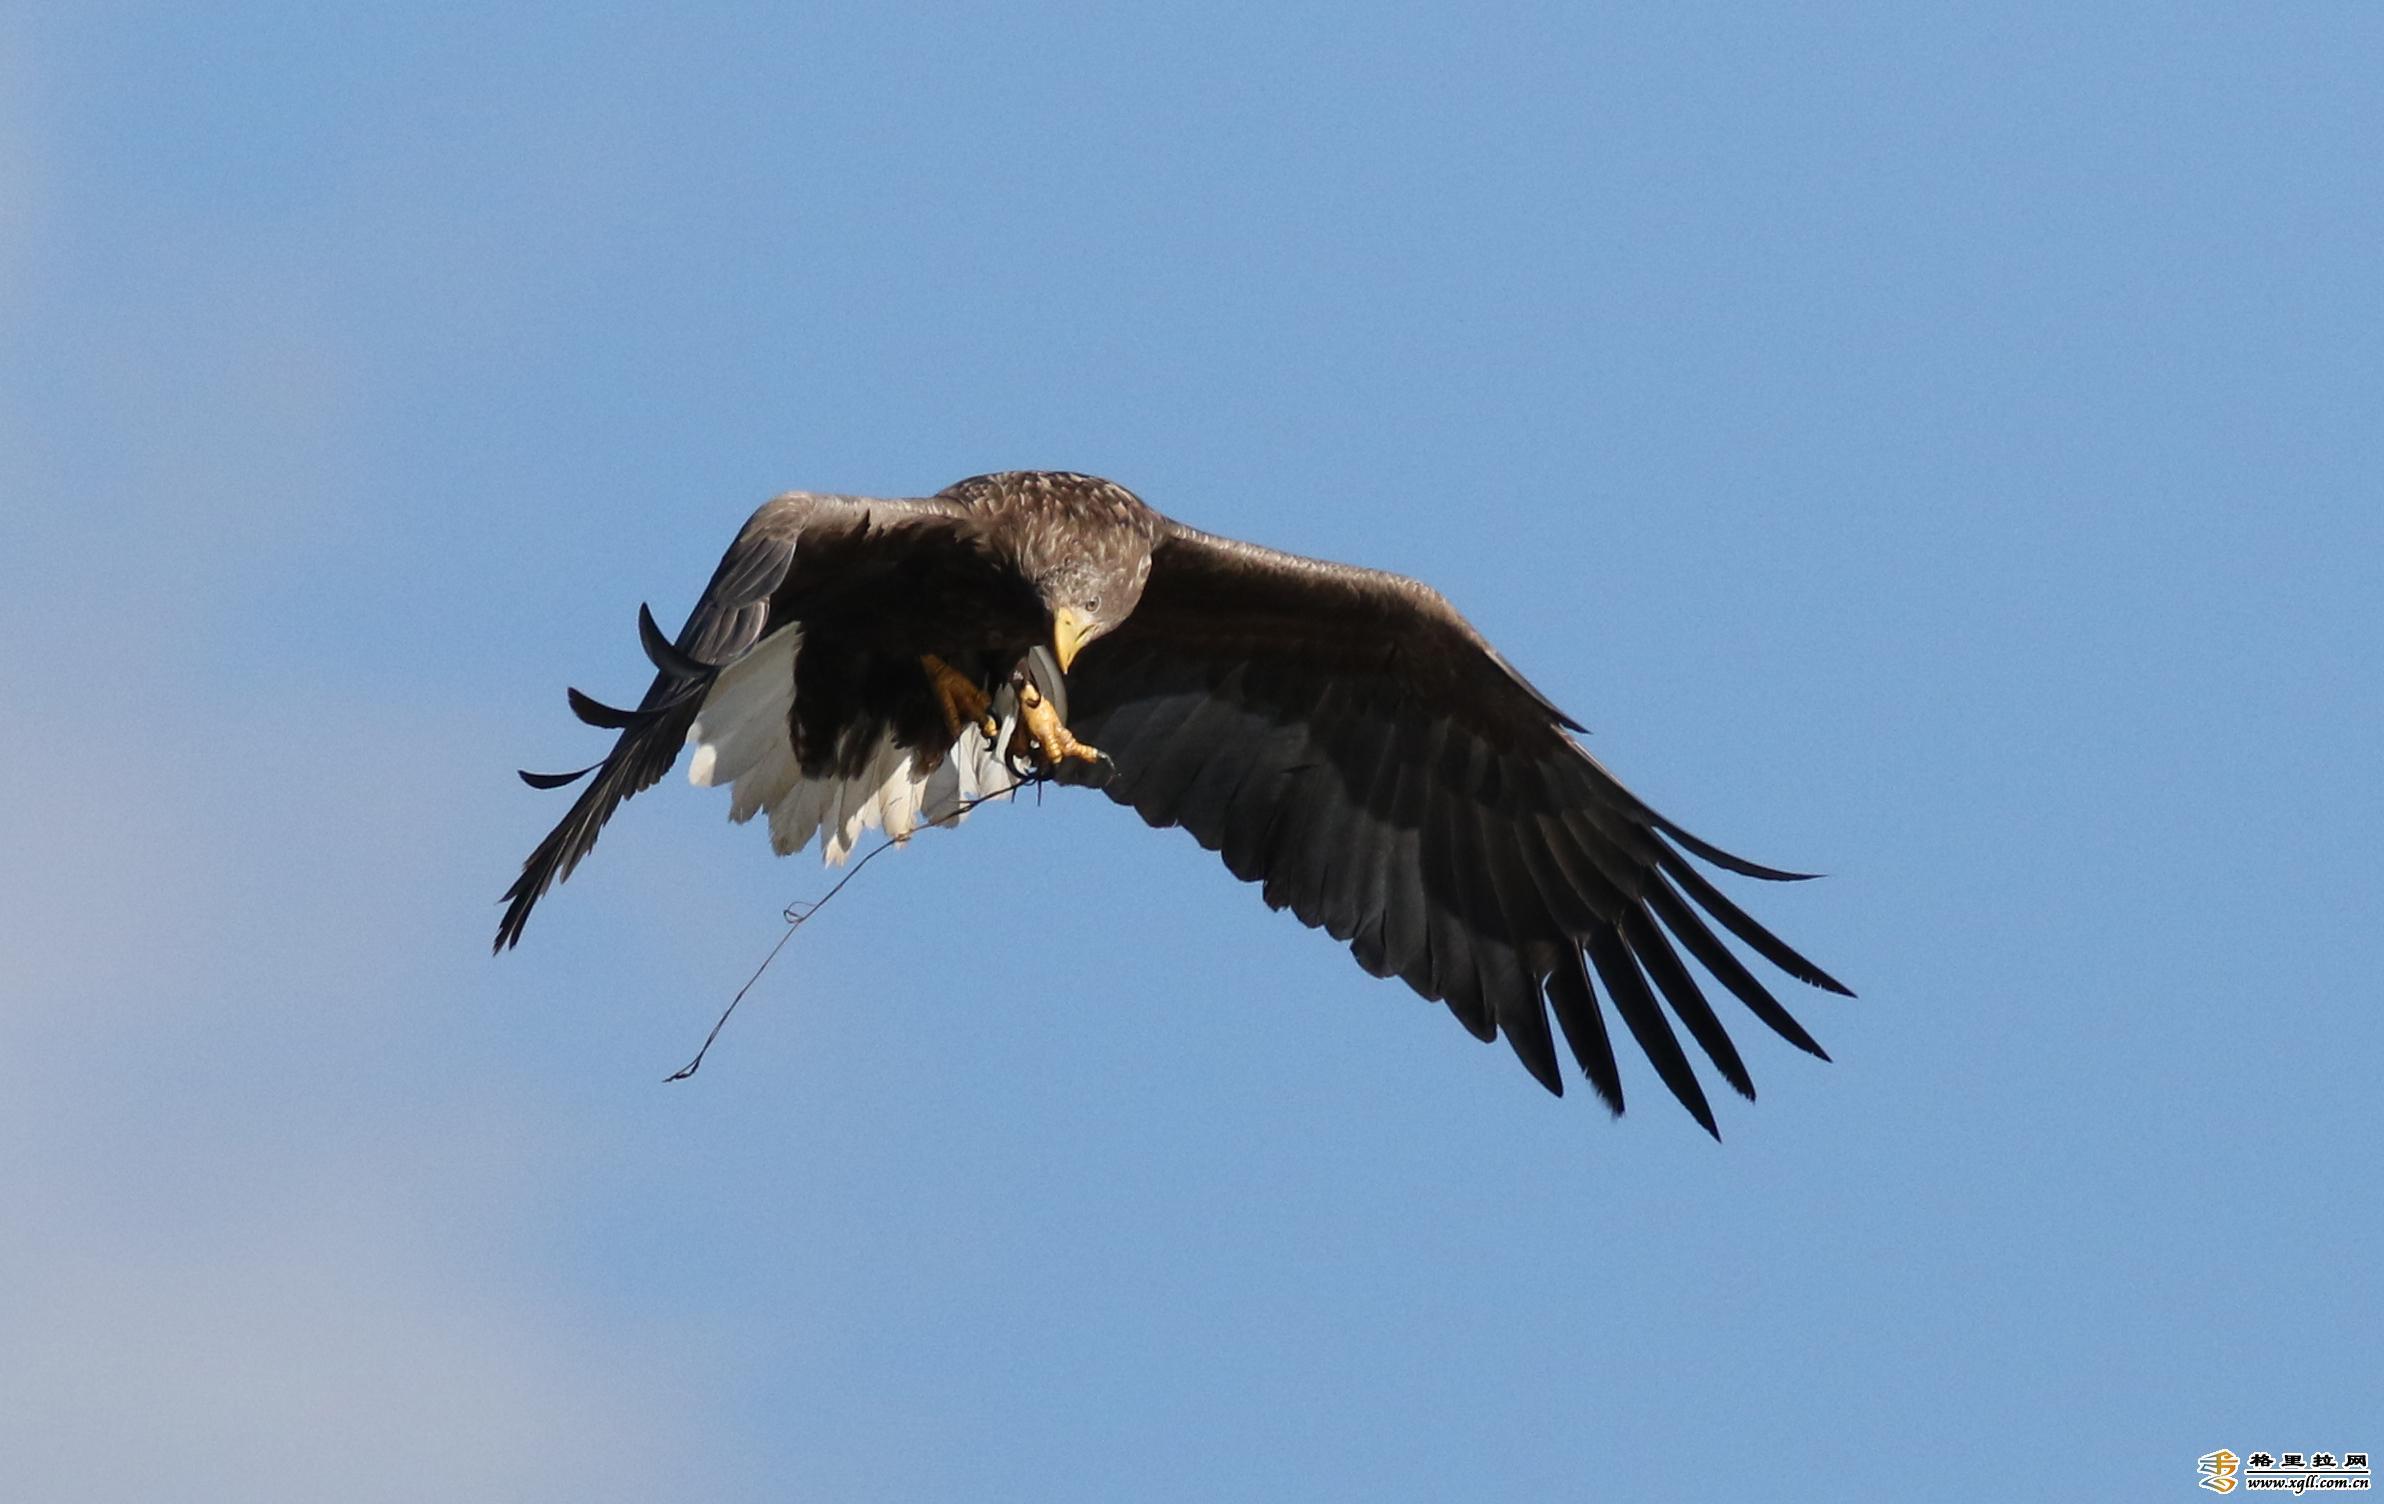 香格里拉飞羽天堂——每日观鸟台   大型猛禽:白尾海雕